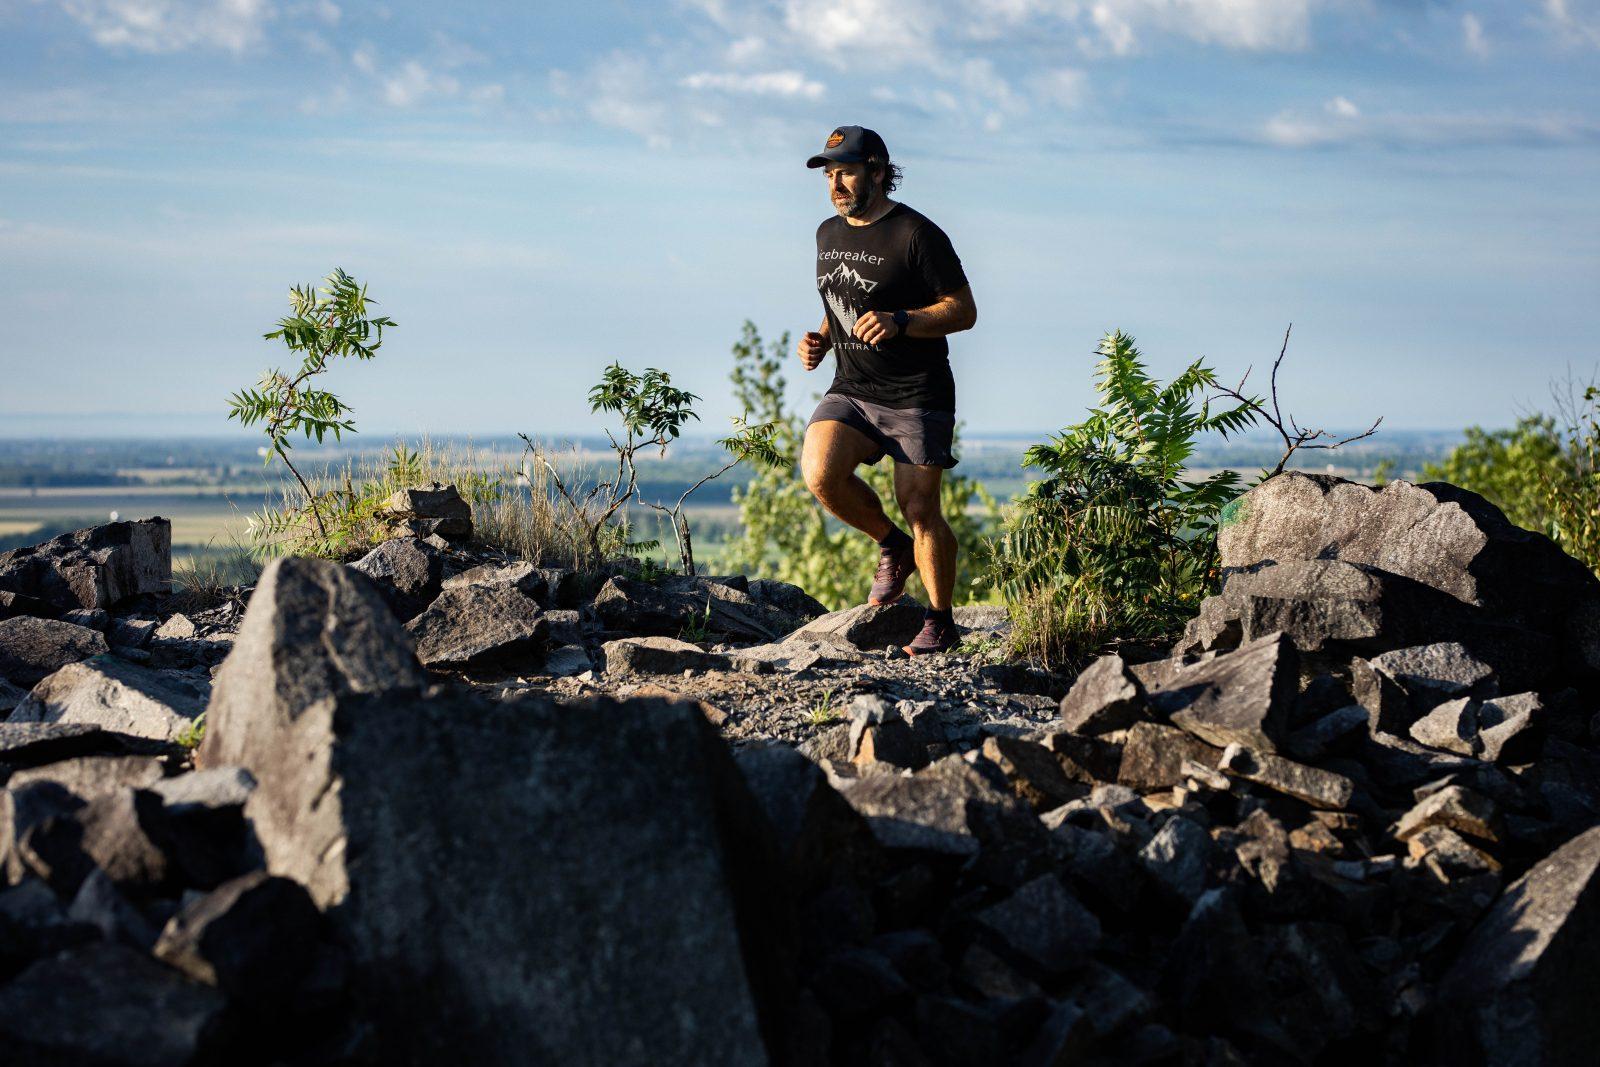 Il grimpera 41 fois le mont Saint-Grégoire